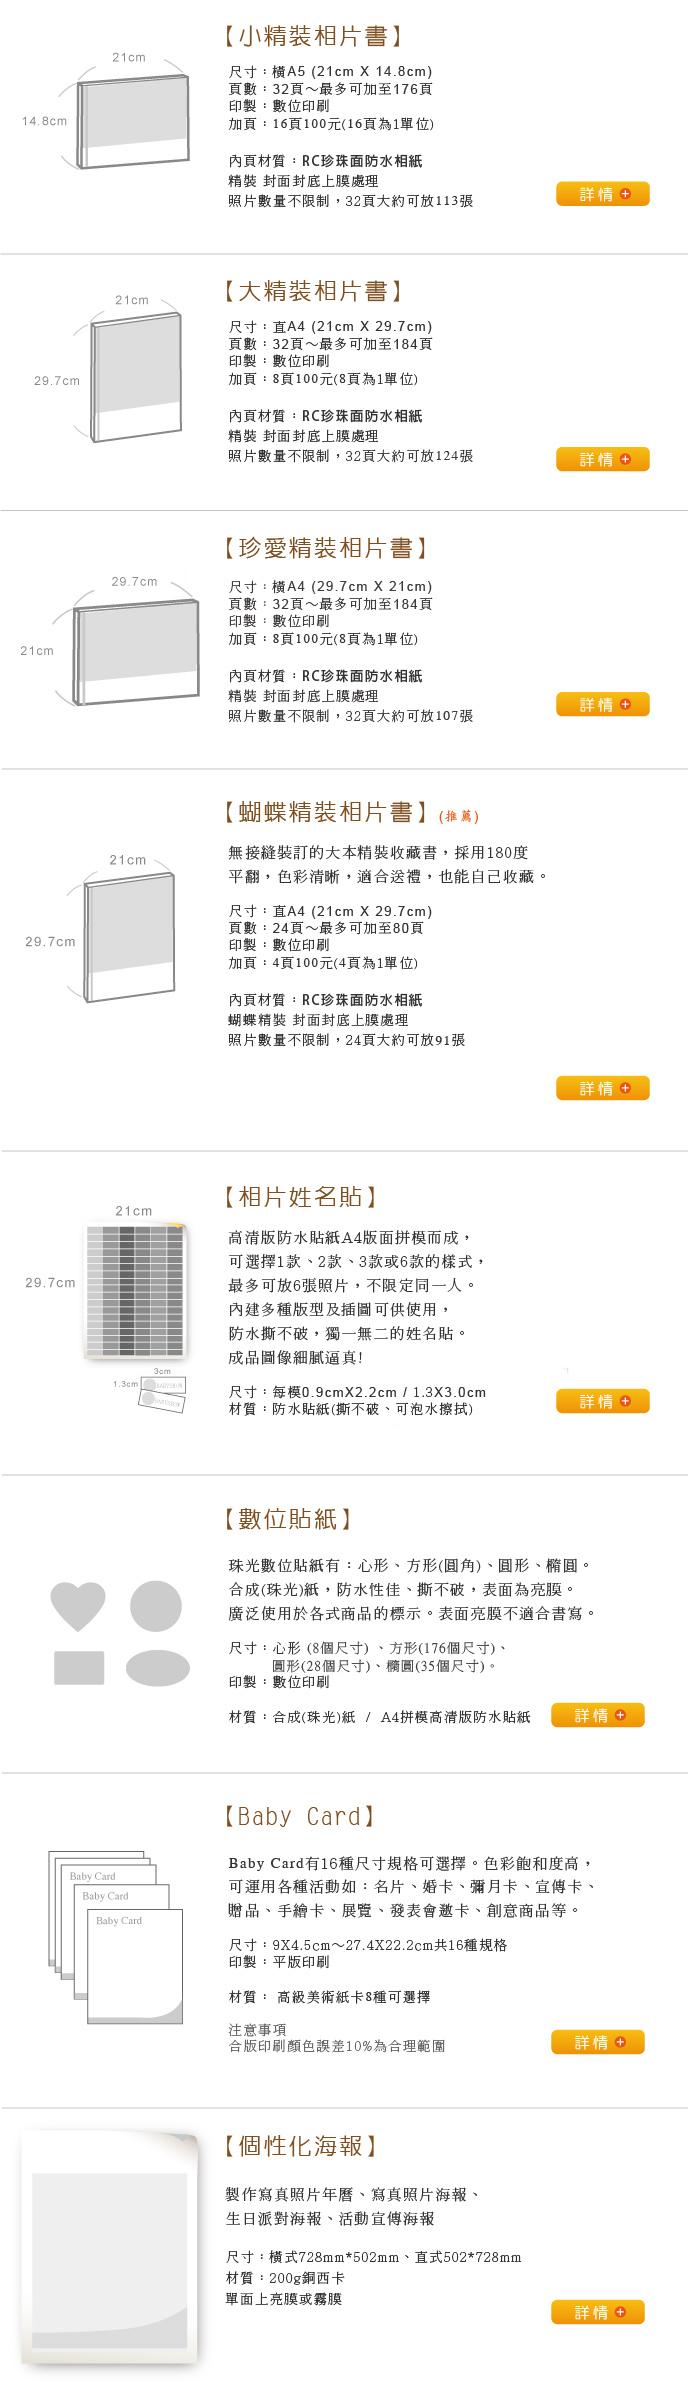 相片書產品介紹-A5橫式相片書,A4直式相片書,A4橫式相片書,精裝相片書,蝴蝶精裝,相片姓名貼